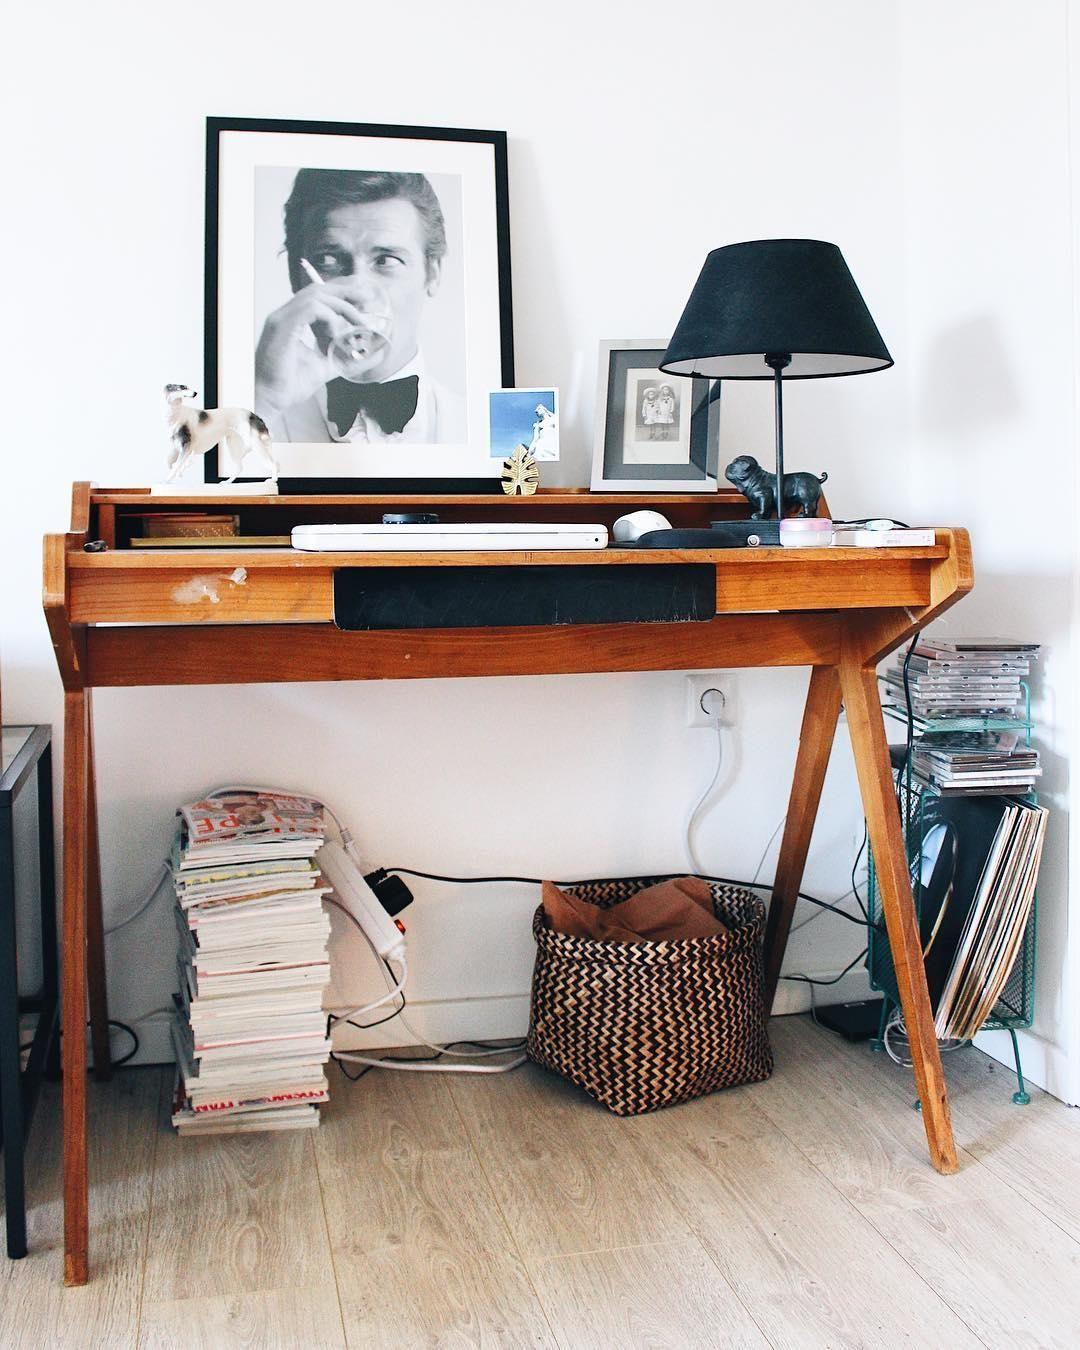 Schreibtisch vintage schwarz  Gerahmter Fotodruck Shaken Not Stirred | London apartment, Hygge ...